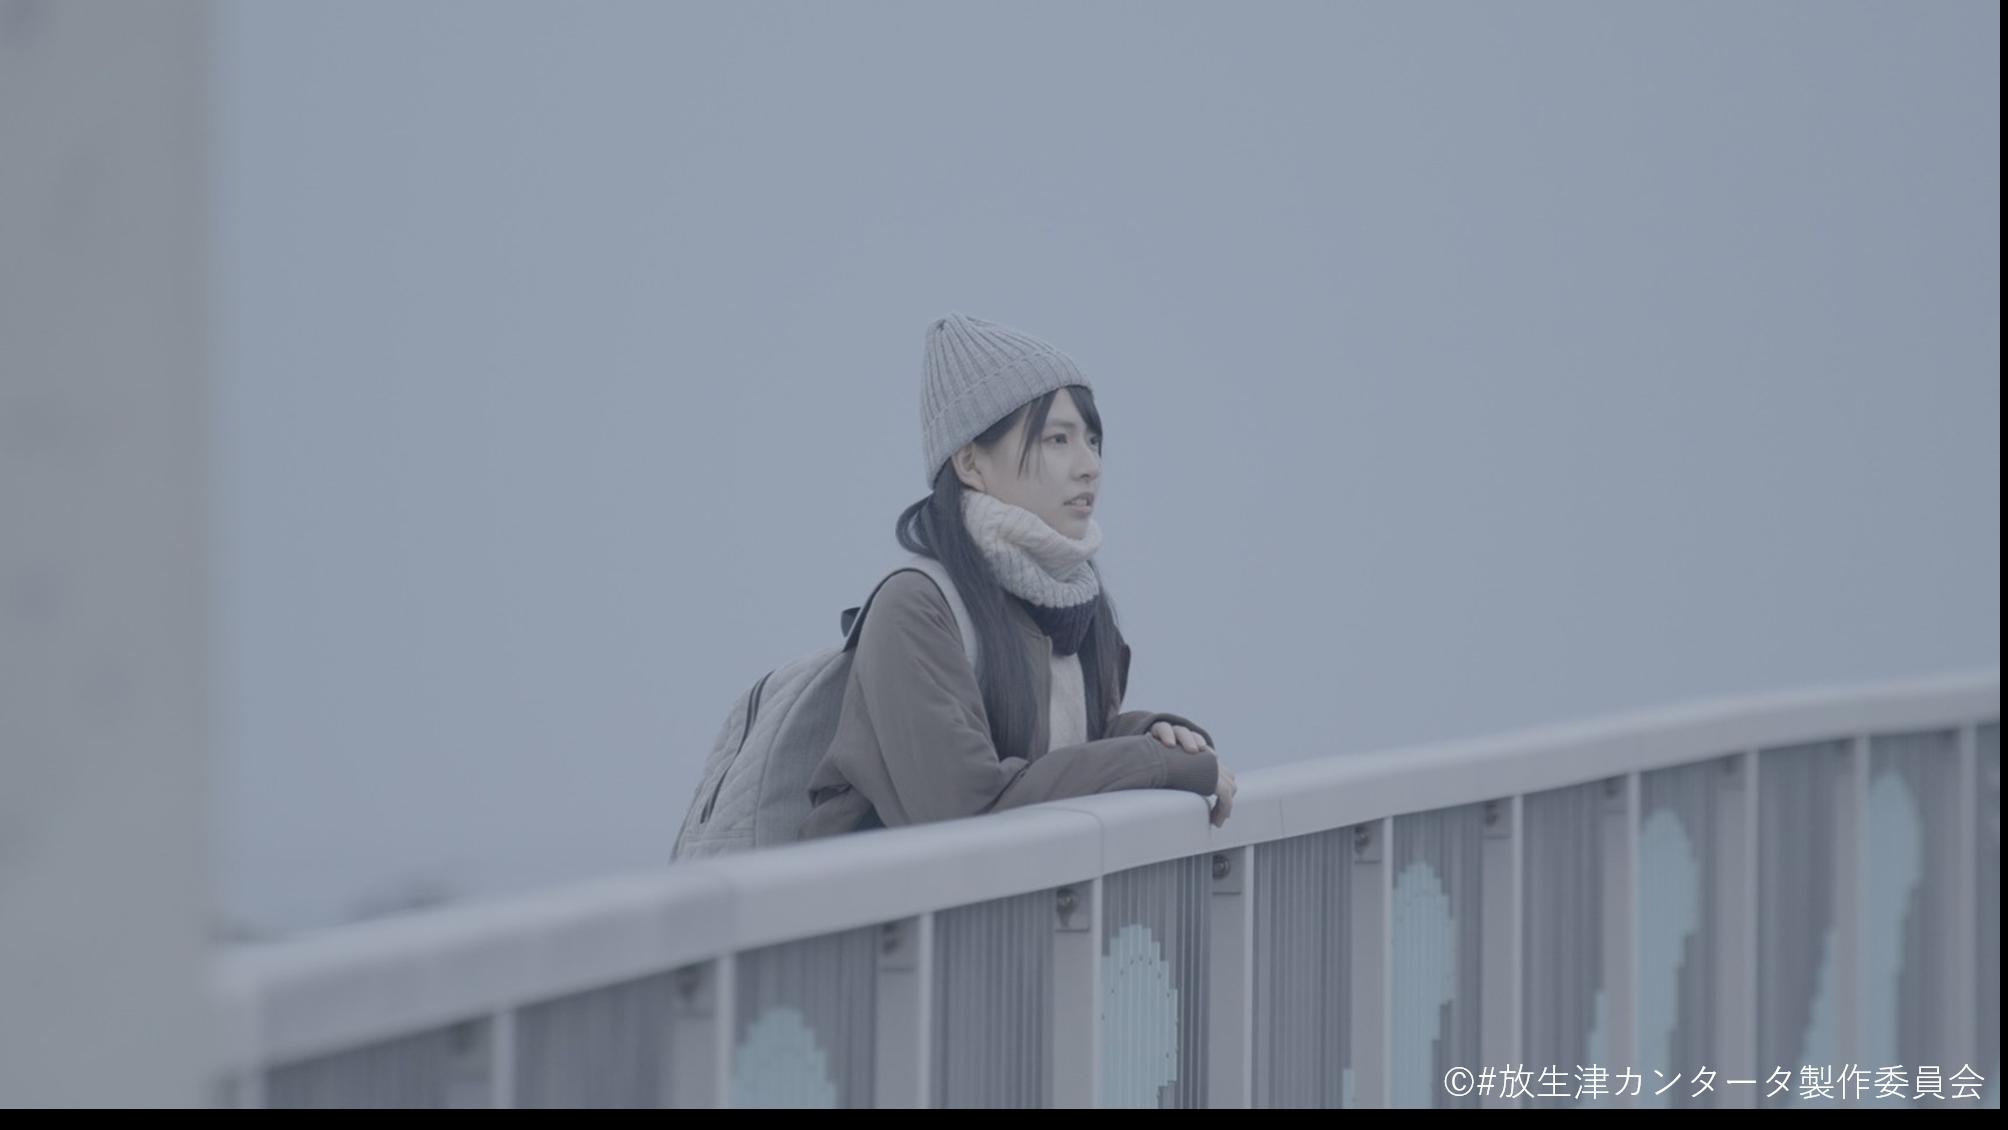 三村妃乃 ©️#放生津カンタータ製作委員会